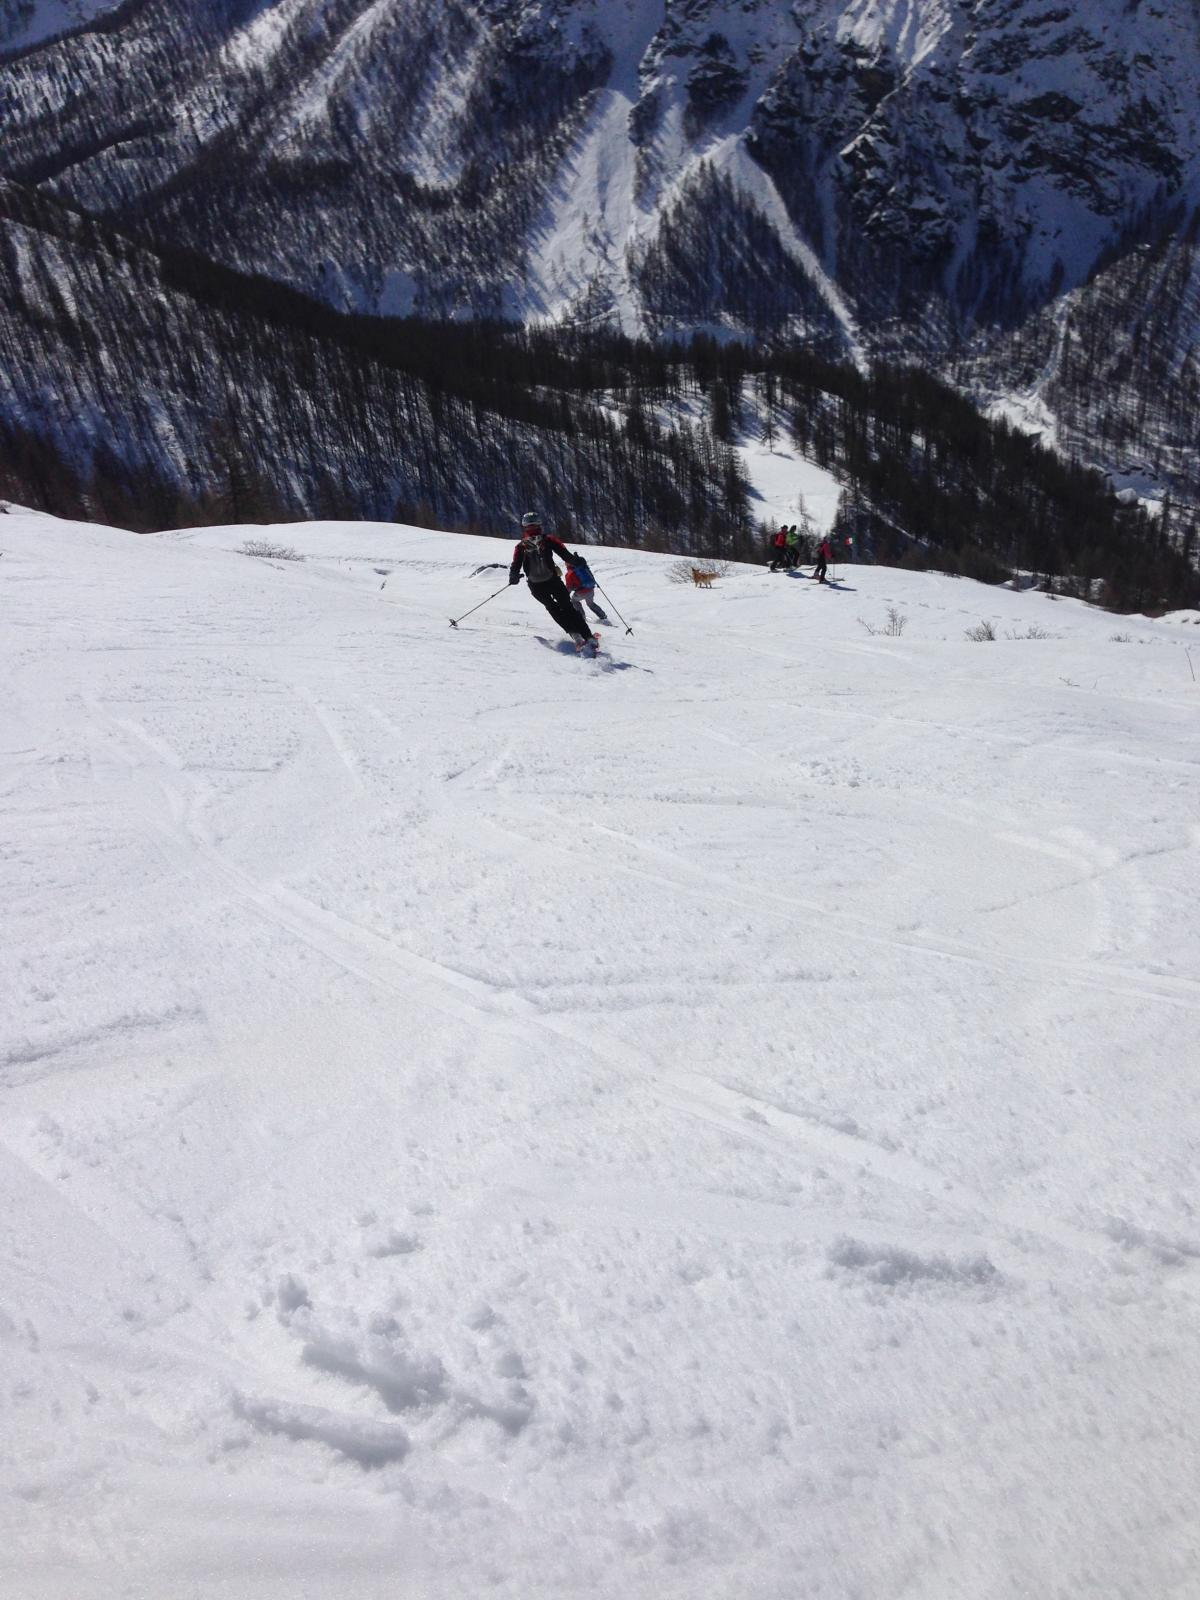 neve perfetta nella parte finale